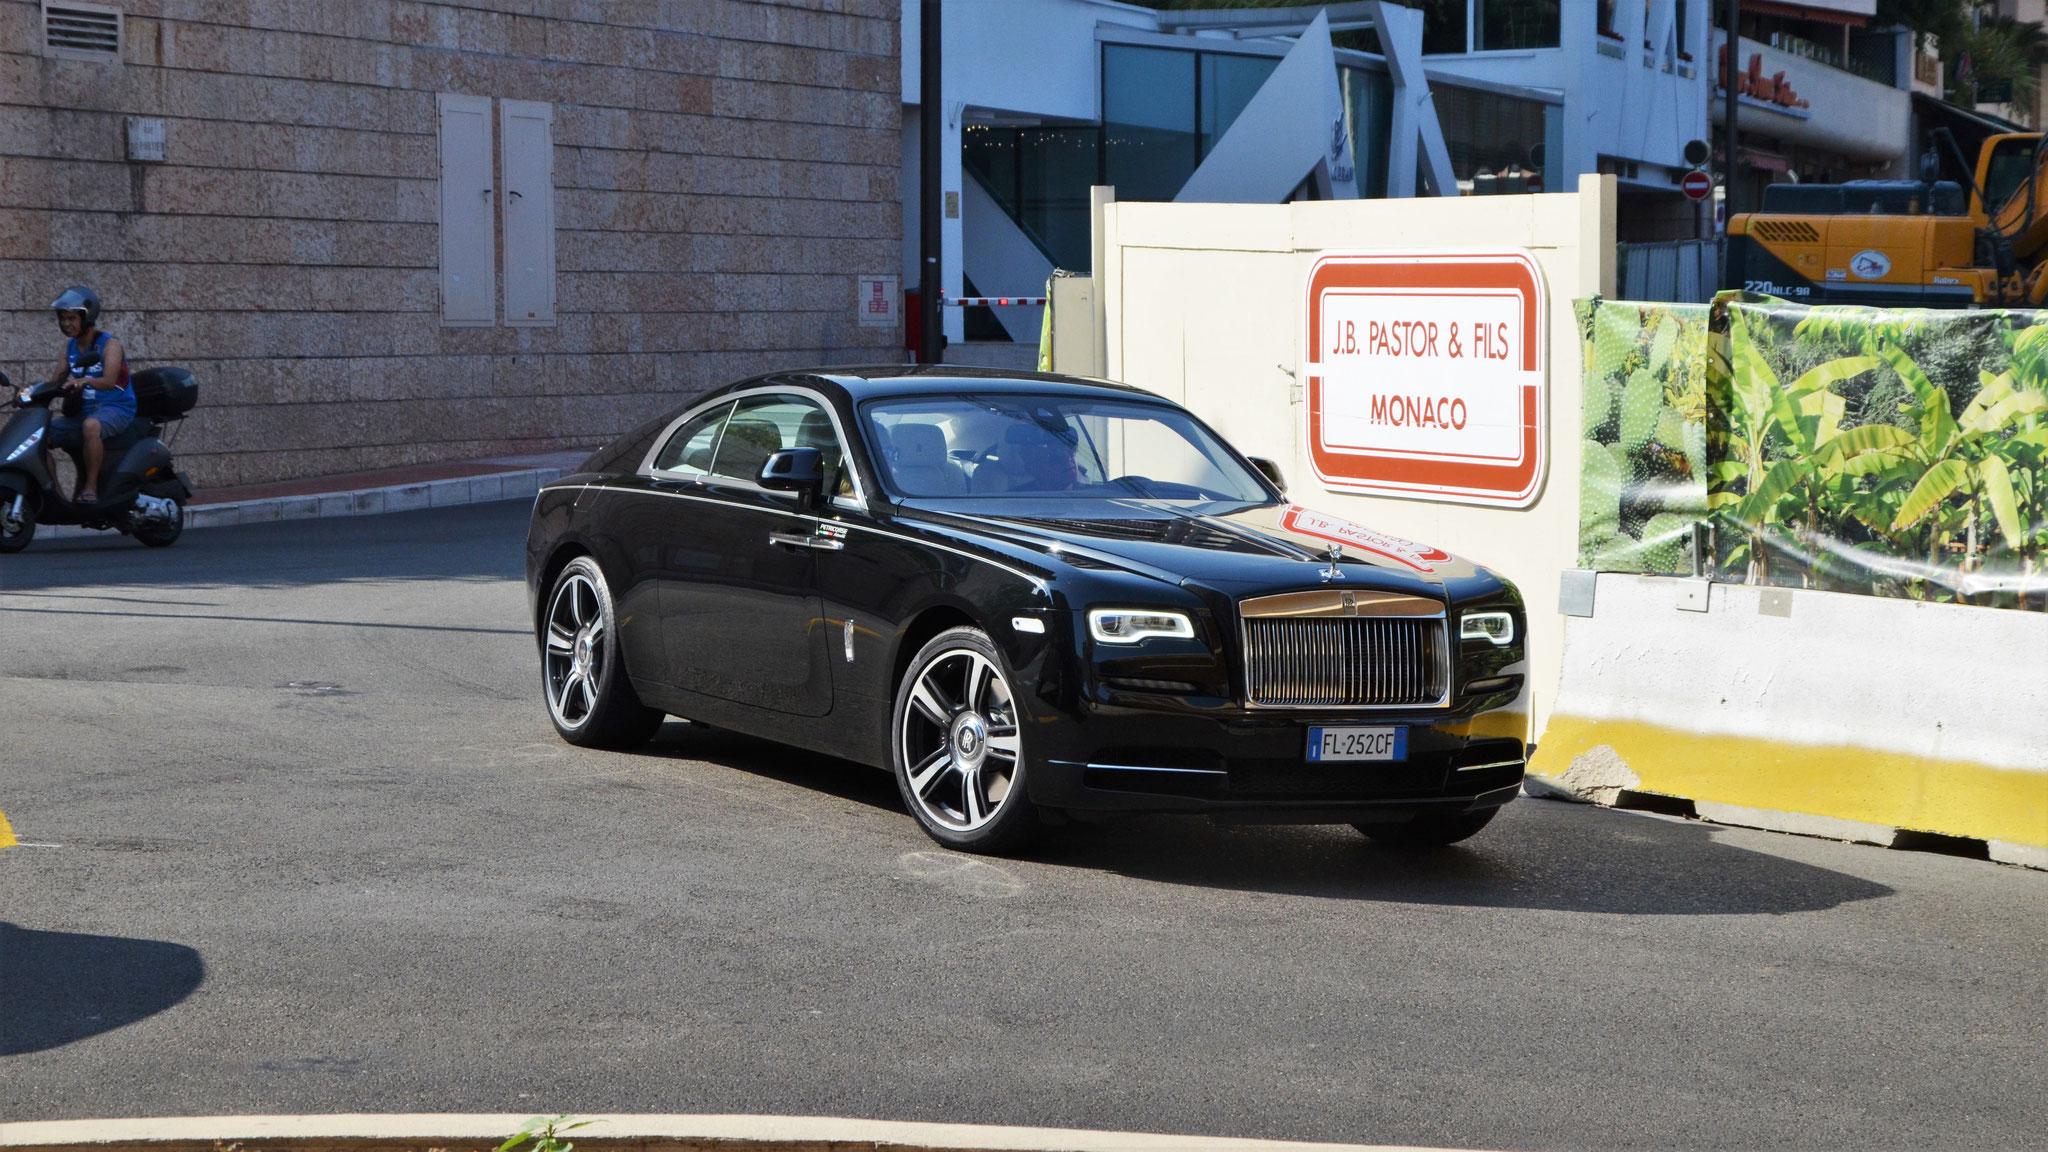 Rolls Royce Wraith - FL-252-CF (ITA)